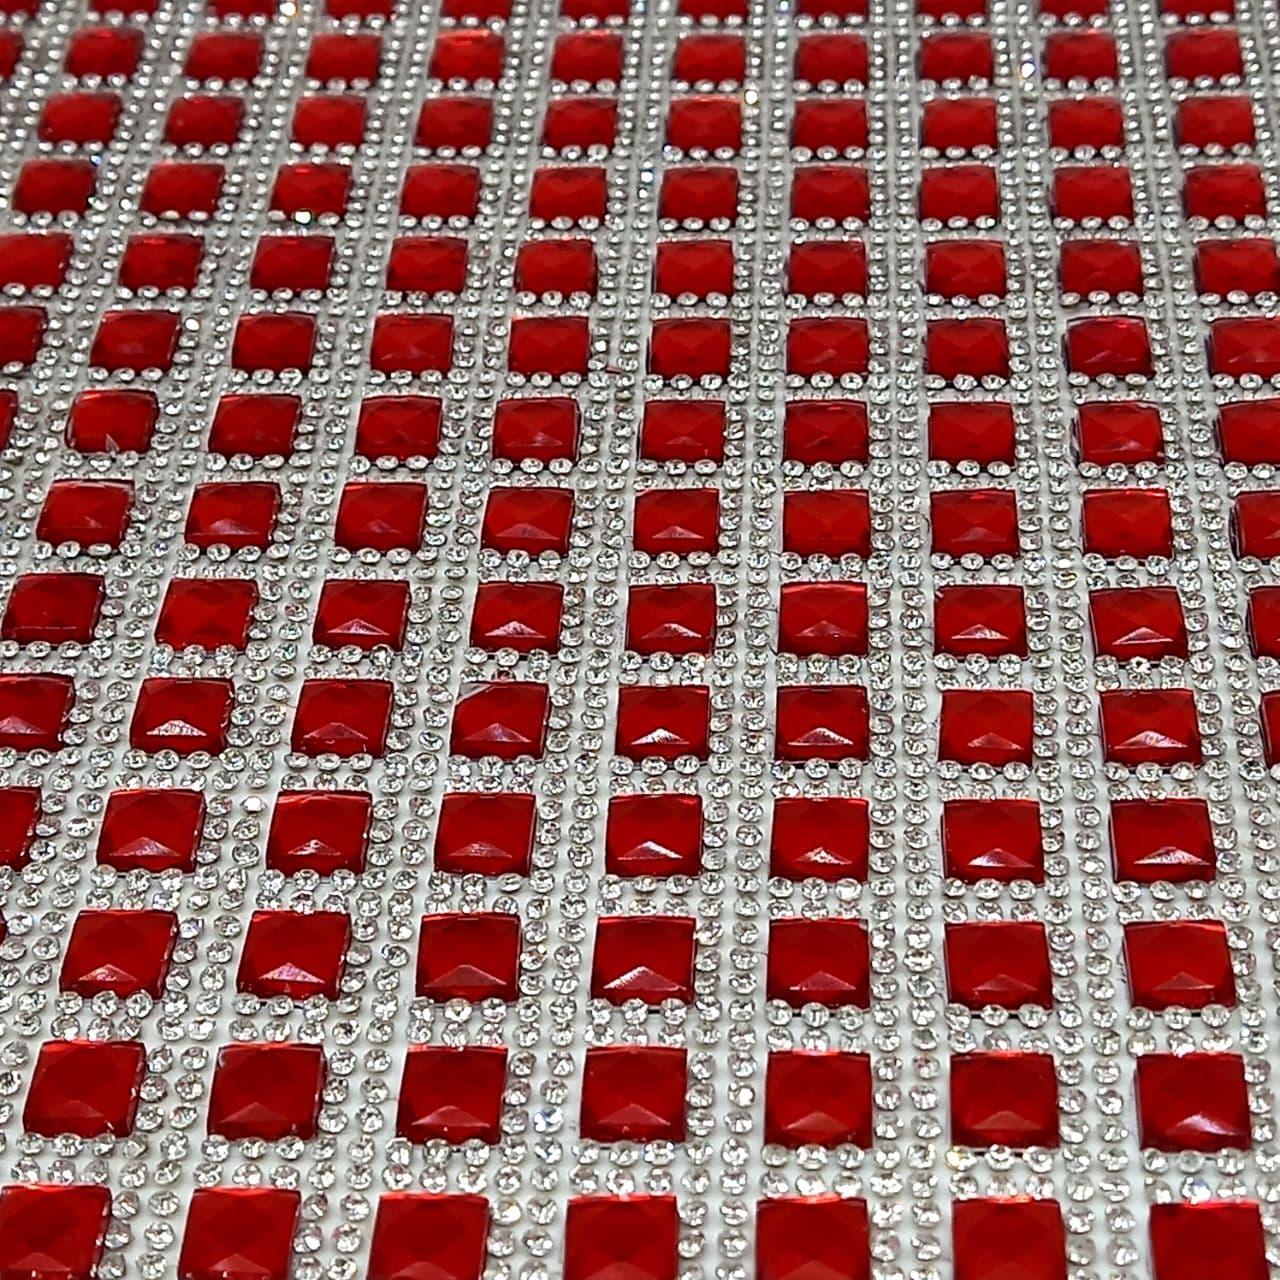 Micro Manta de strass 23x40cm unidade 01